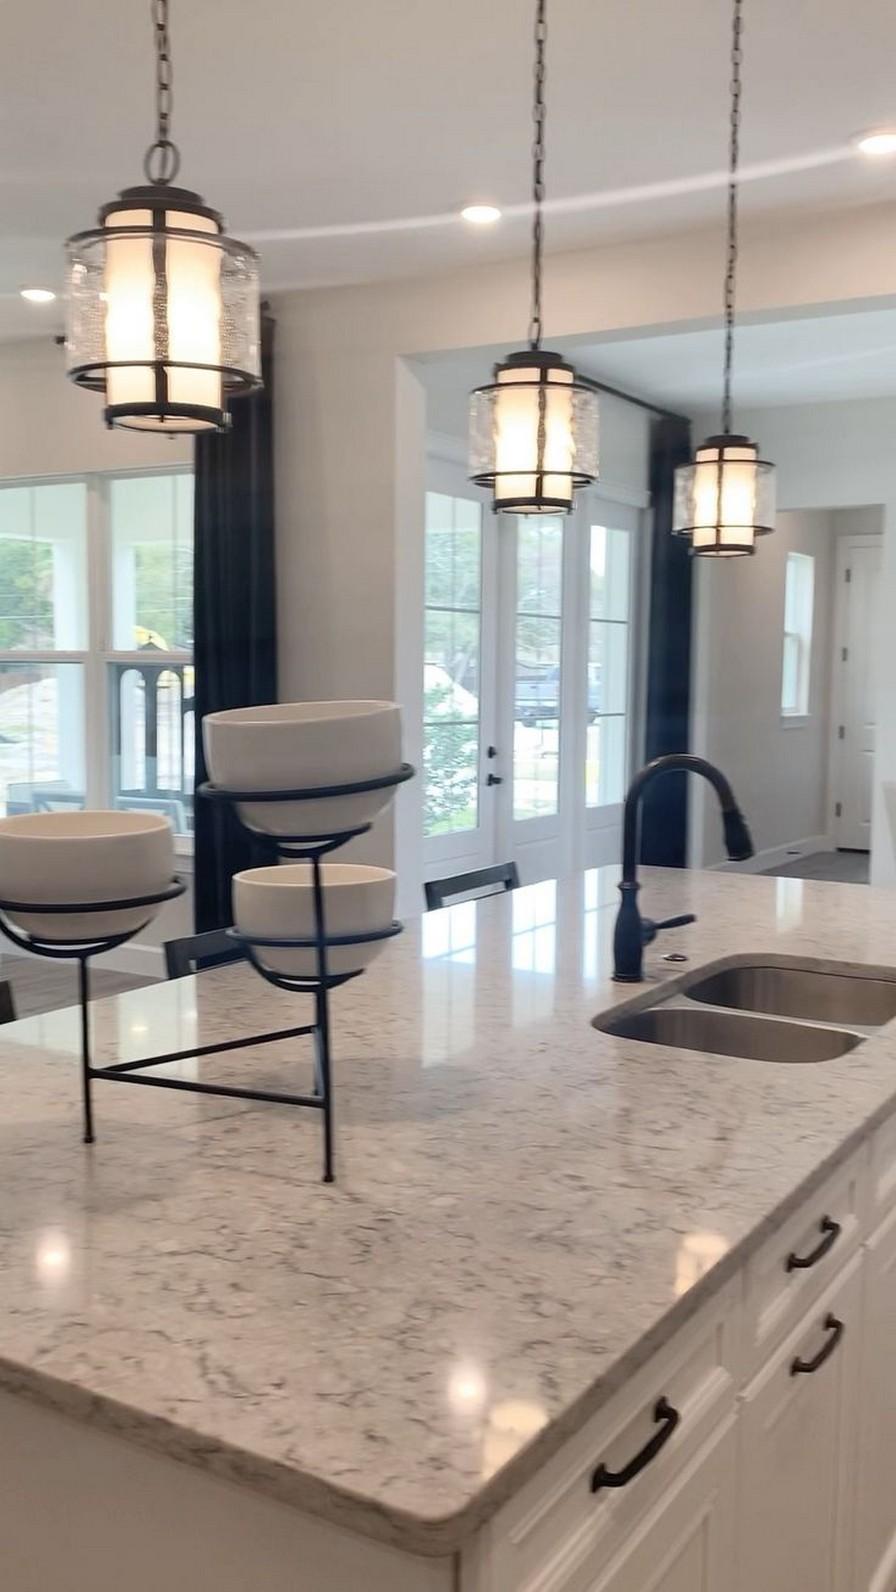 10 Decision The Best Bathroom Paint Colors Home Decor 11